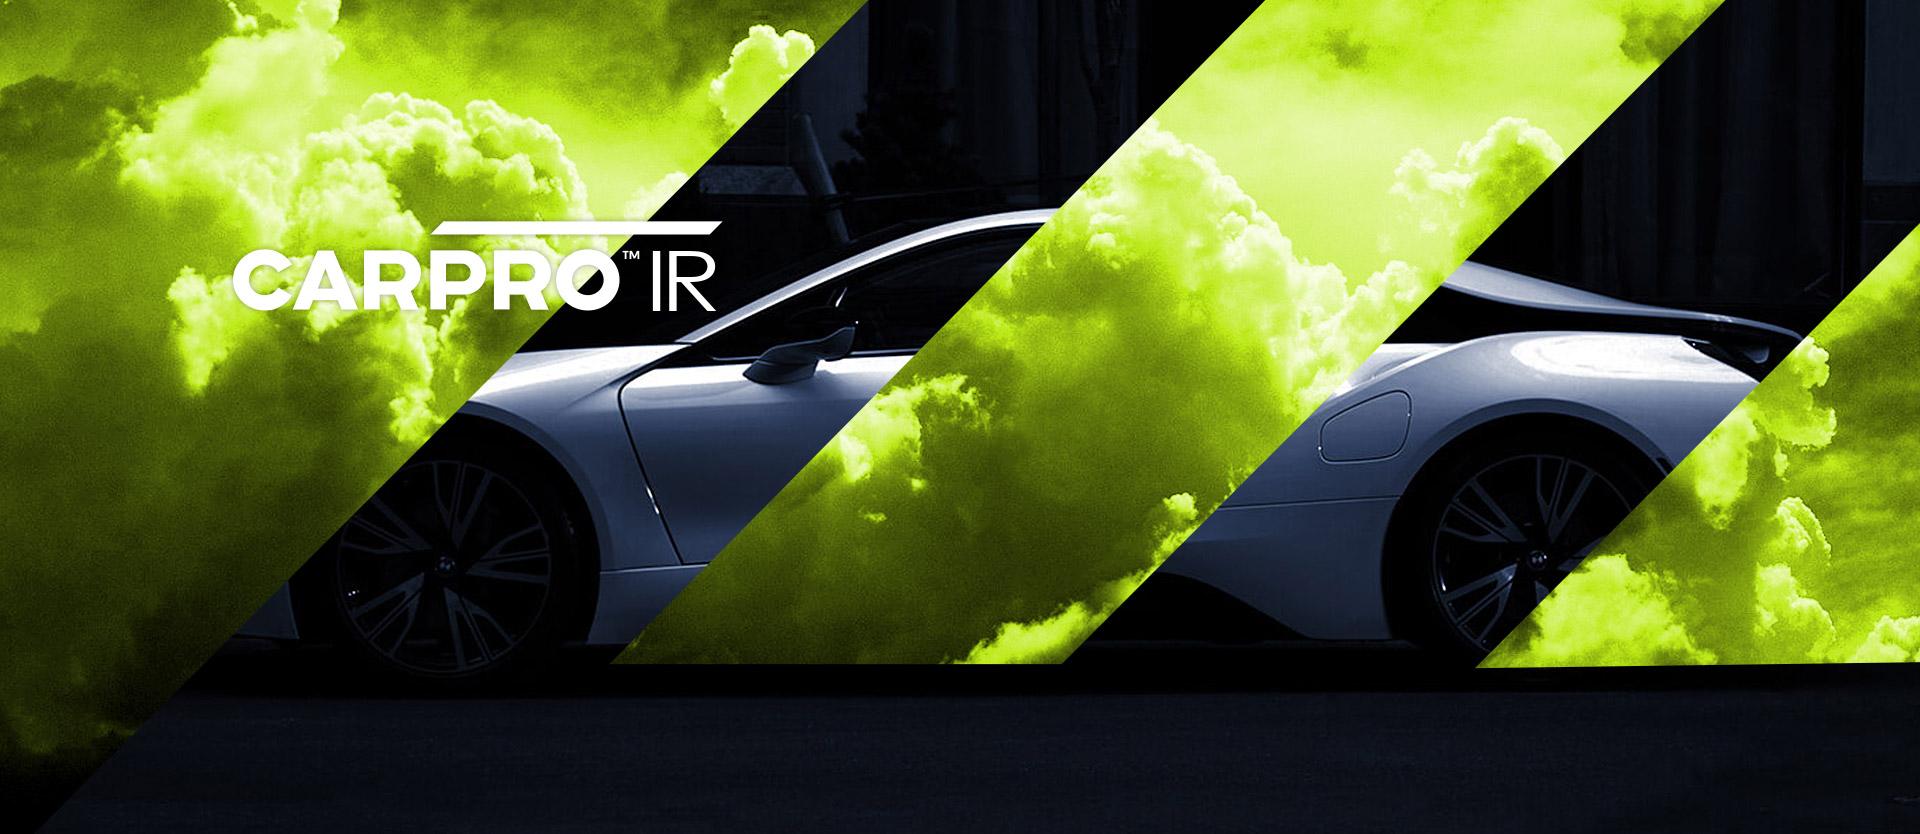 carproiran-banner-2